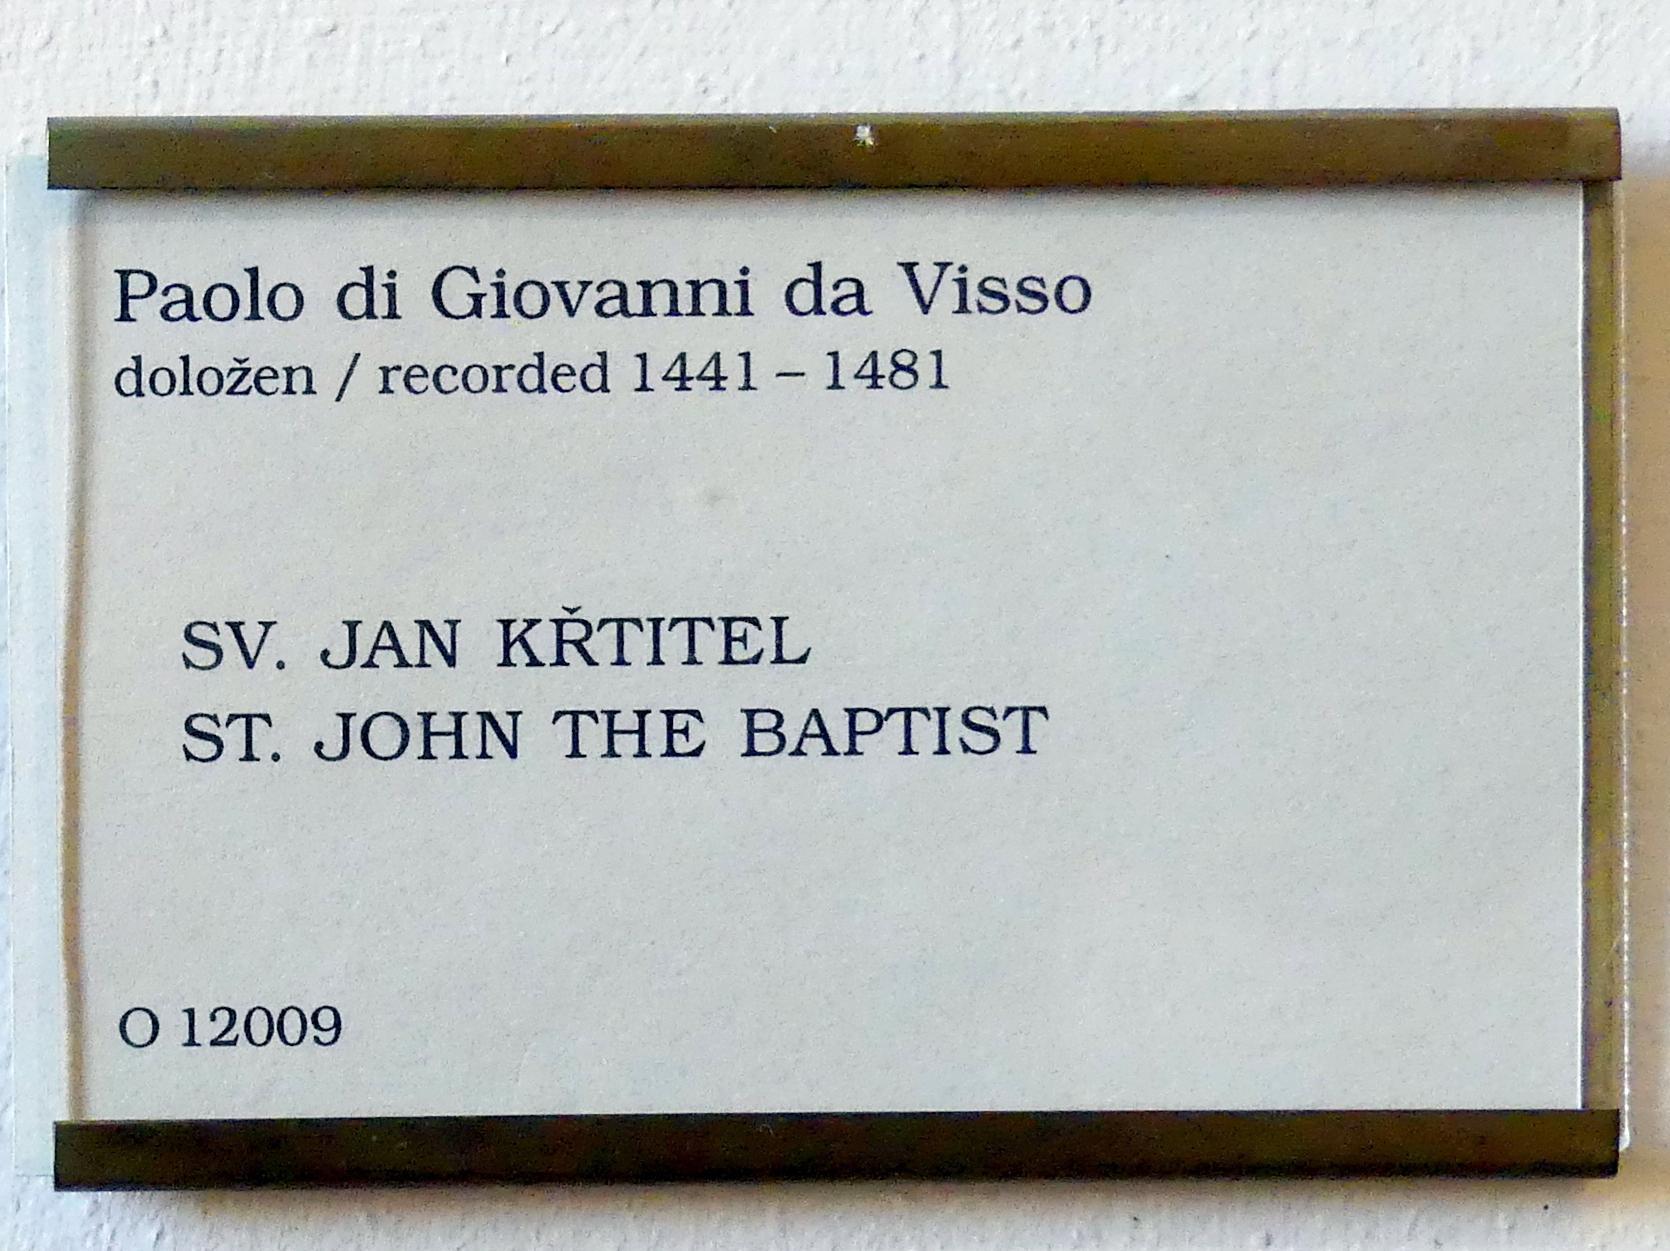 Paolo da Visso (Paolo di Giovanni da Visso): Johannes der Täufer, Undatiert, Bild 3/3